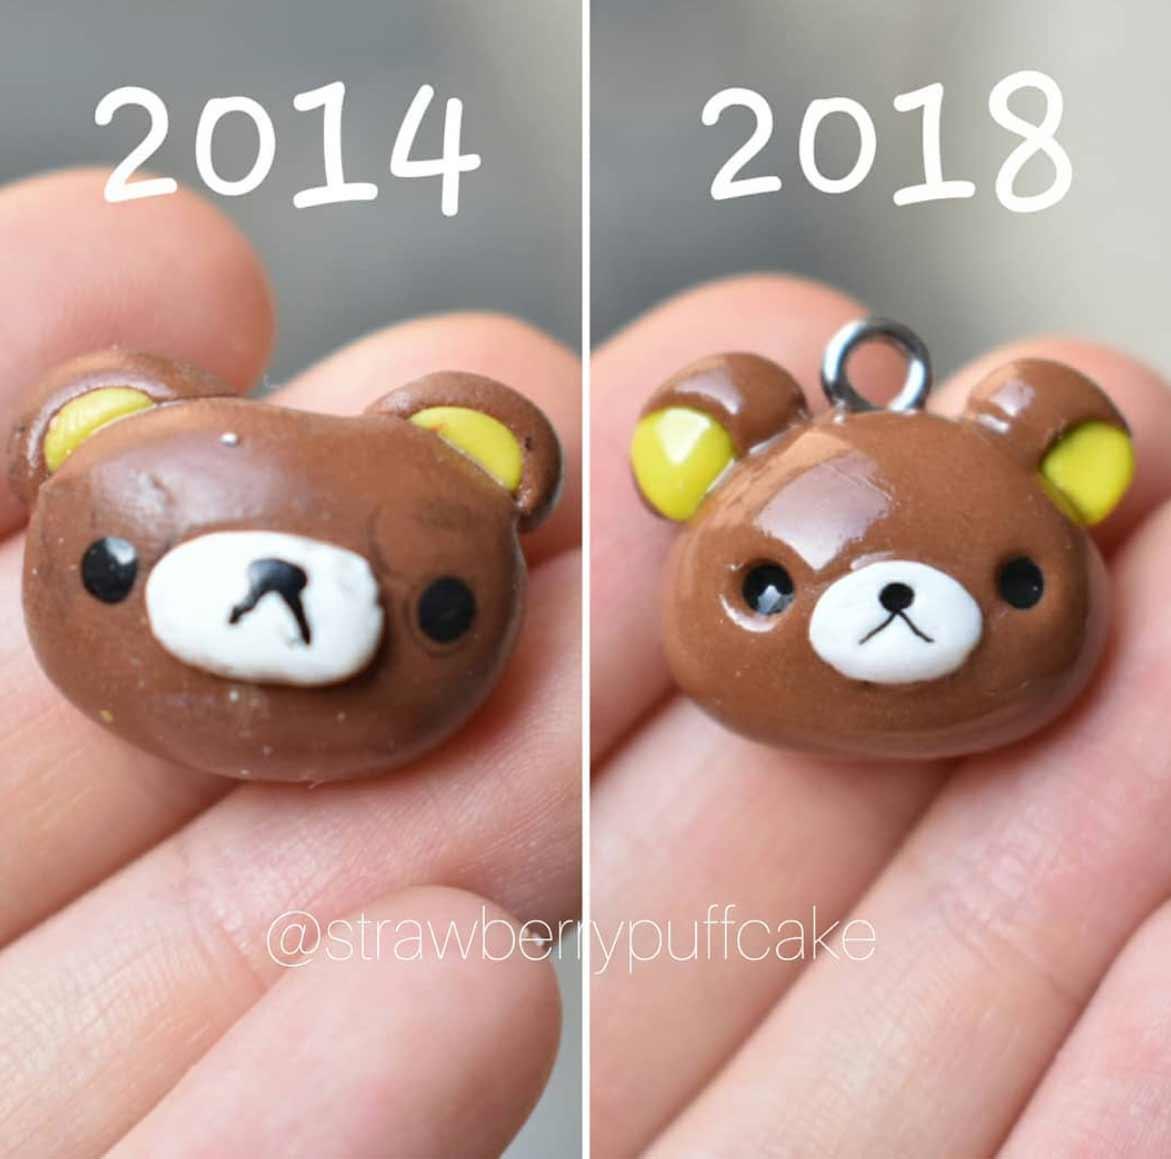 Die Evolution der Miniatur-Skulpturen von ZoZo ZoZO-strawberrypuffcake_04